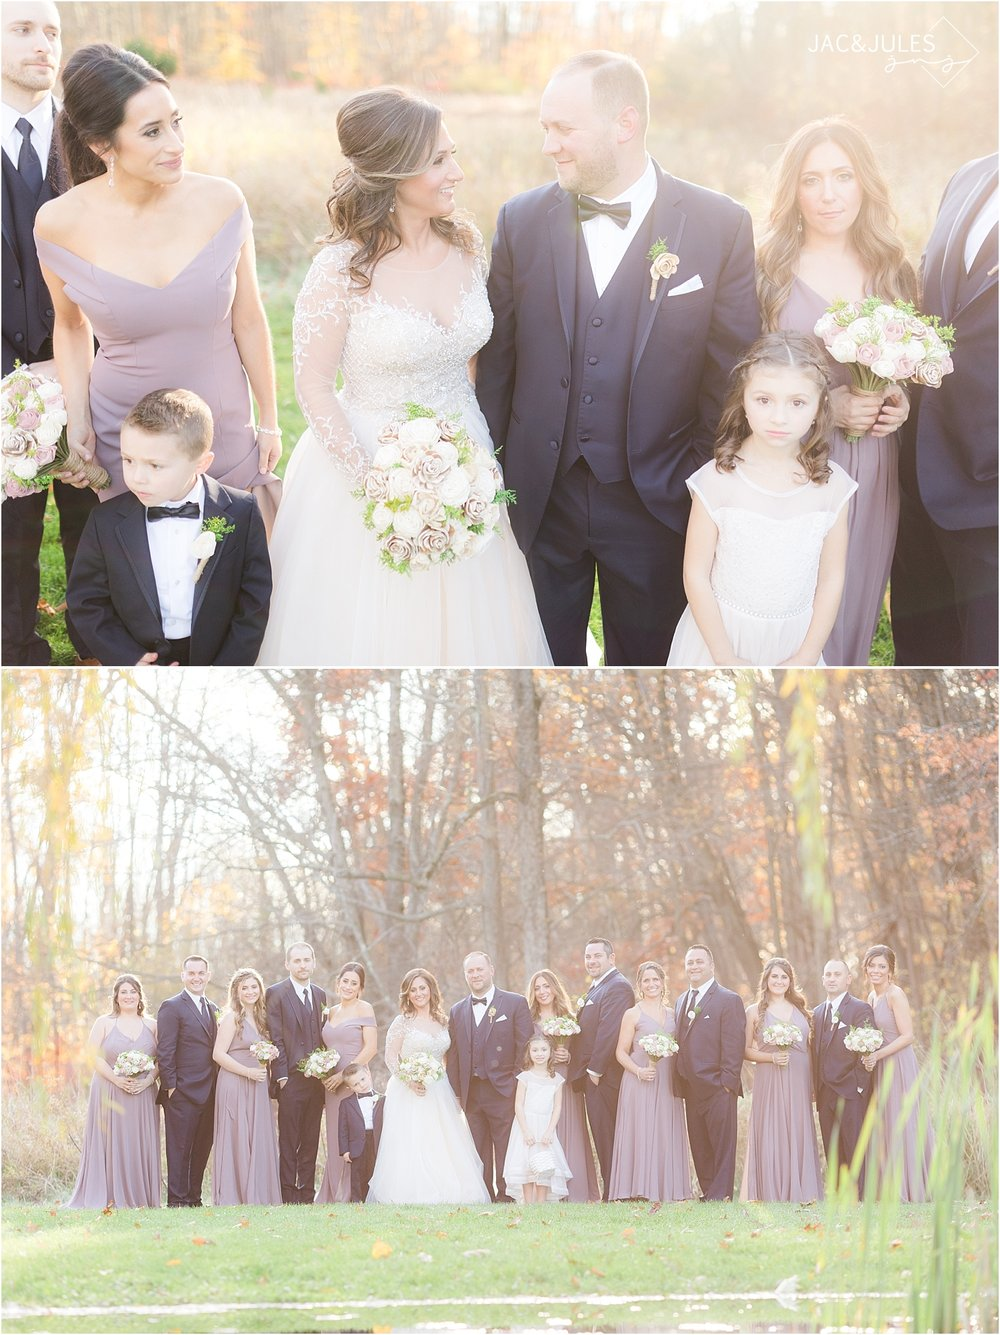 fun bridal party photo at Perona Farms